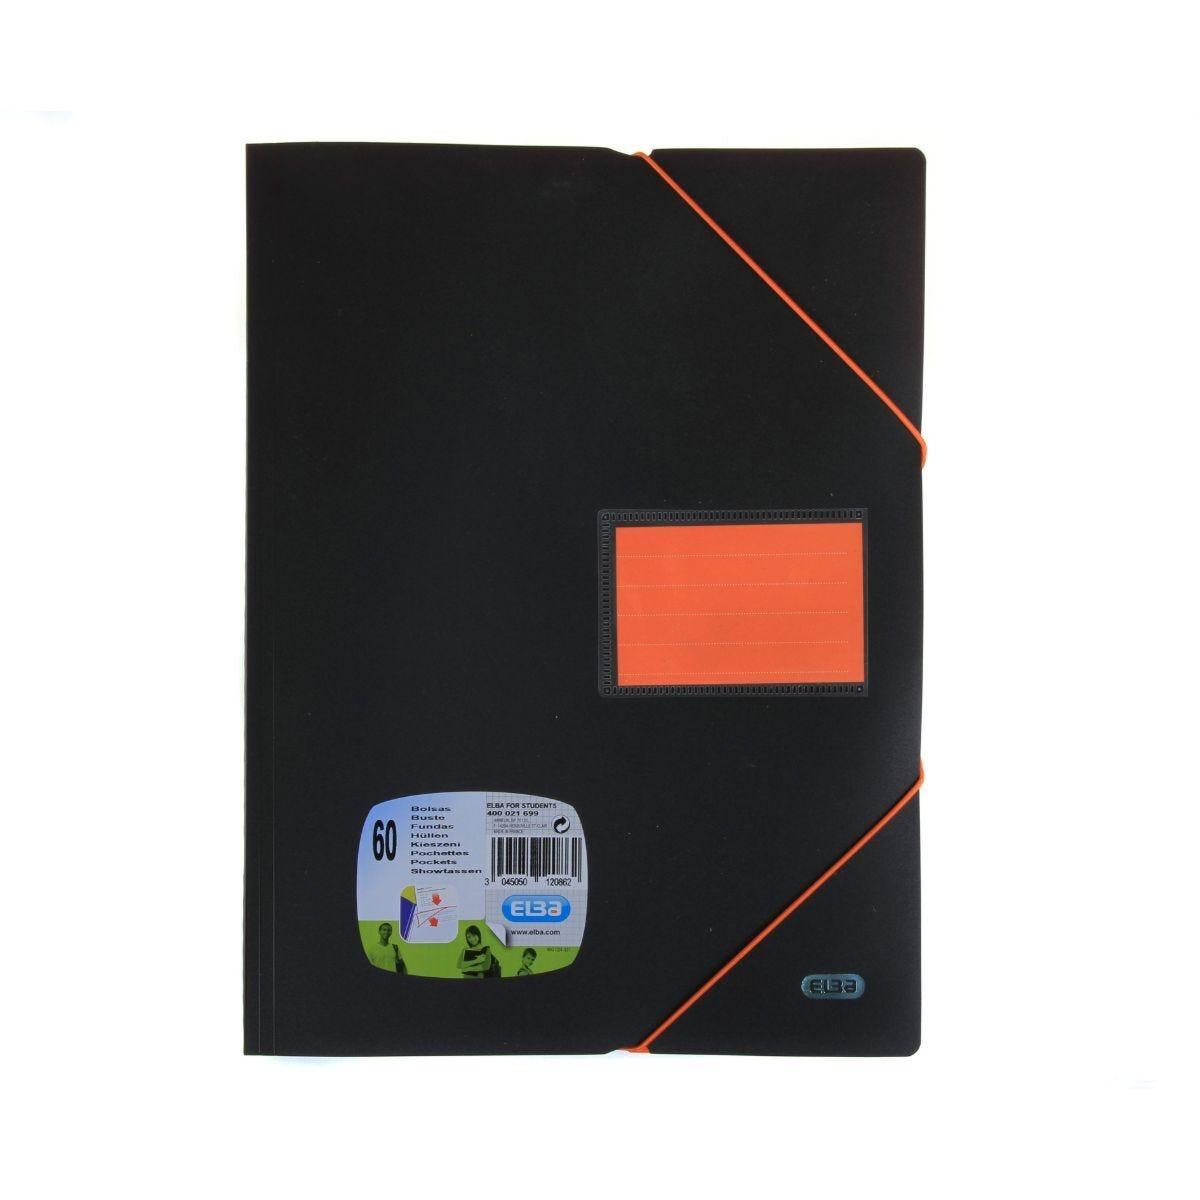 Elba Elasti Display Book A4 60 Pocket